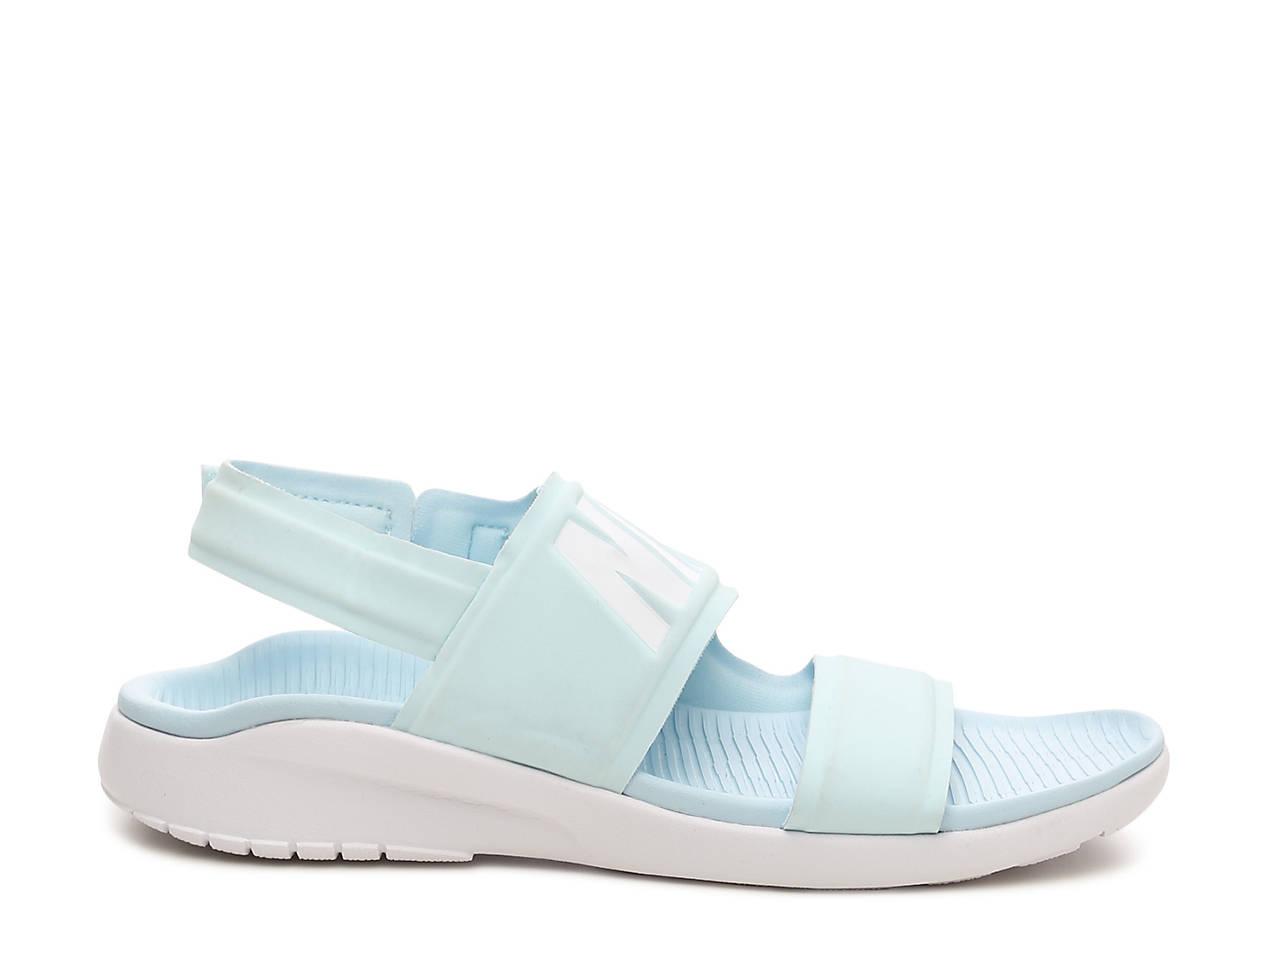 quality design 67ab9 e71be Tanjun Sport Sandal. next